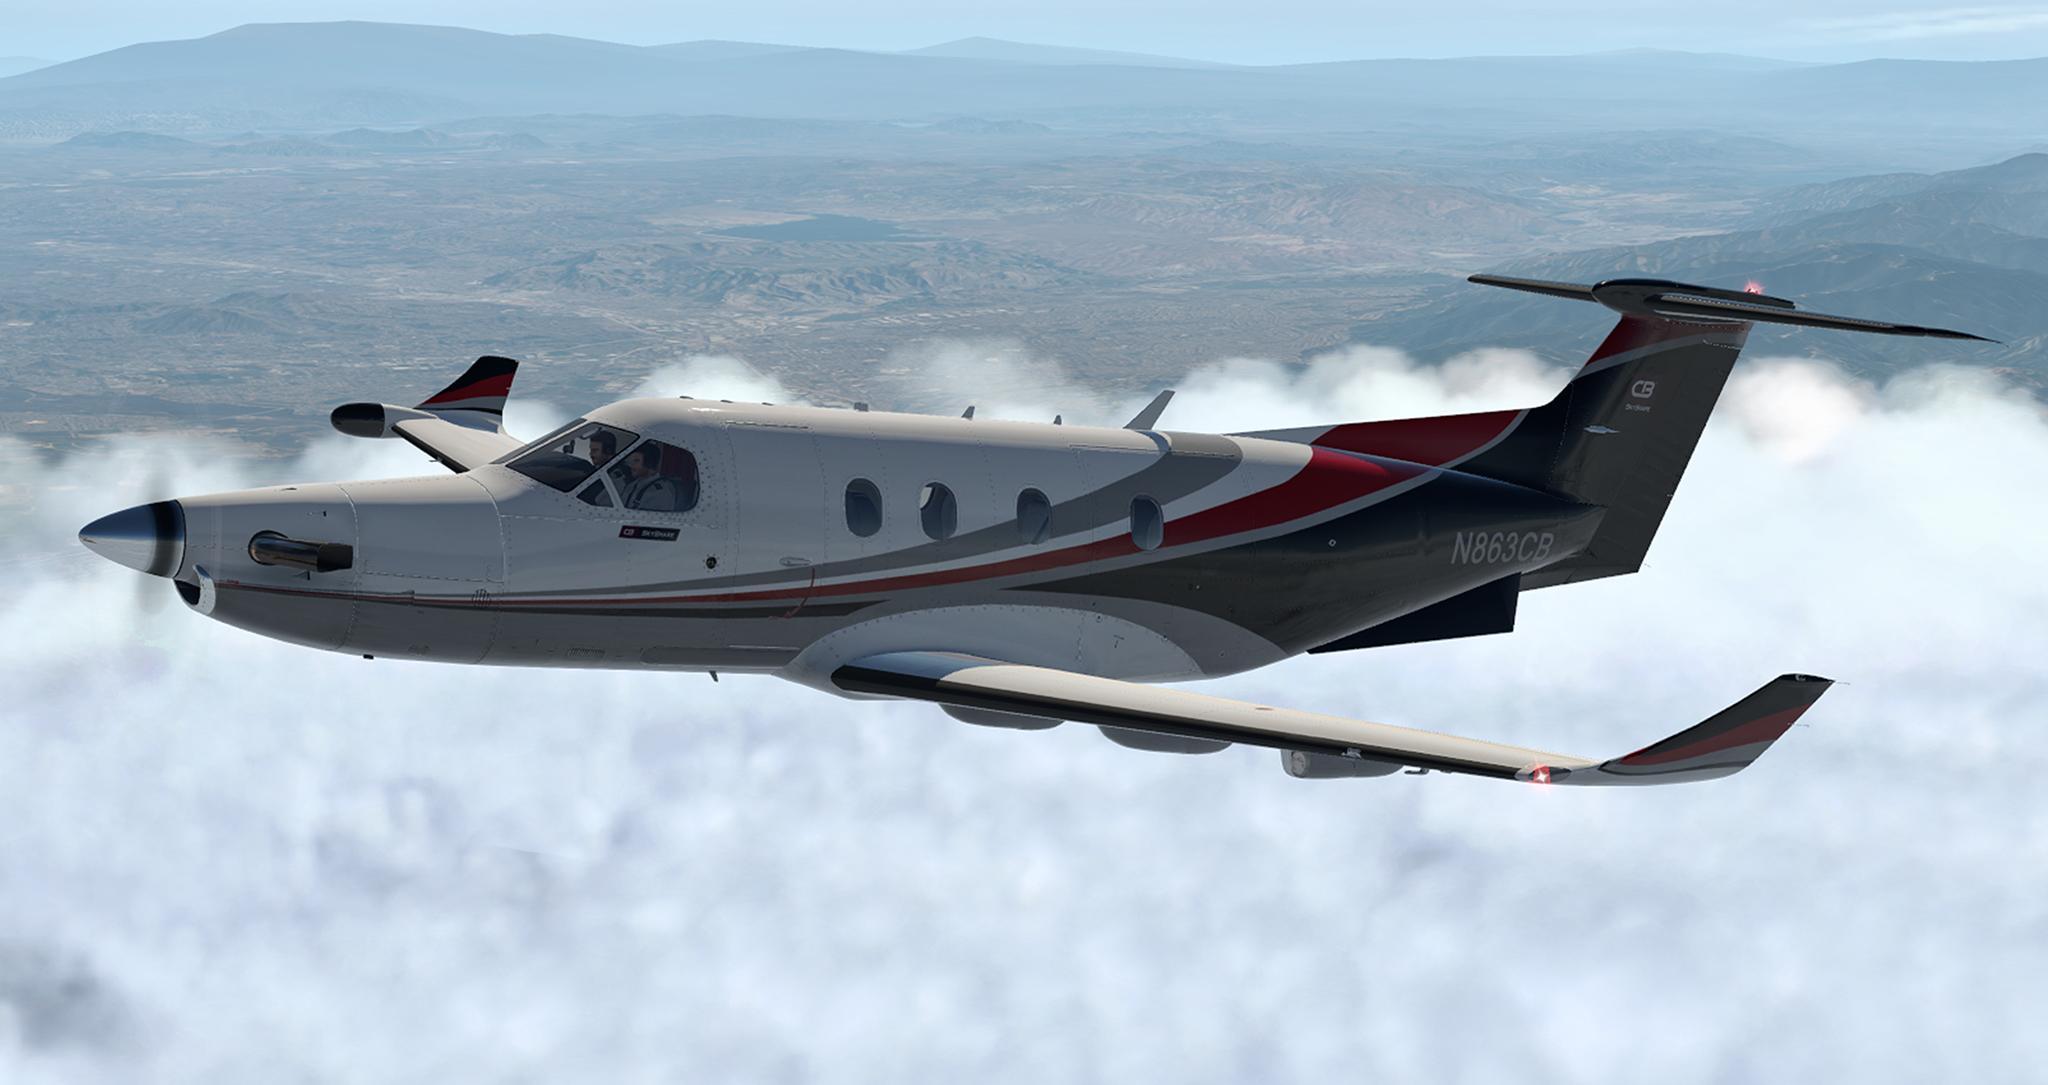 Carenado Pilatus PC-12 (V1 2) - N863CB of CB SkyShare